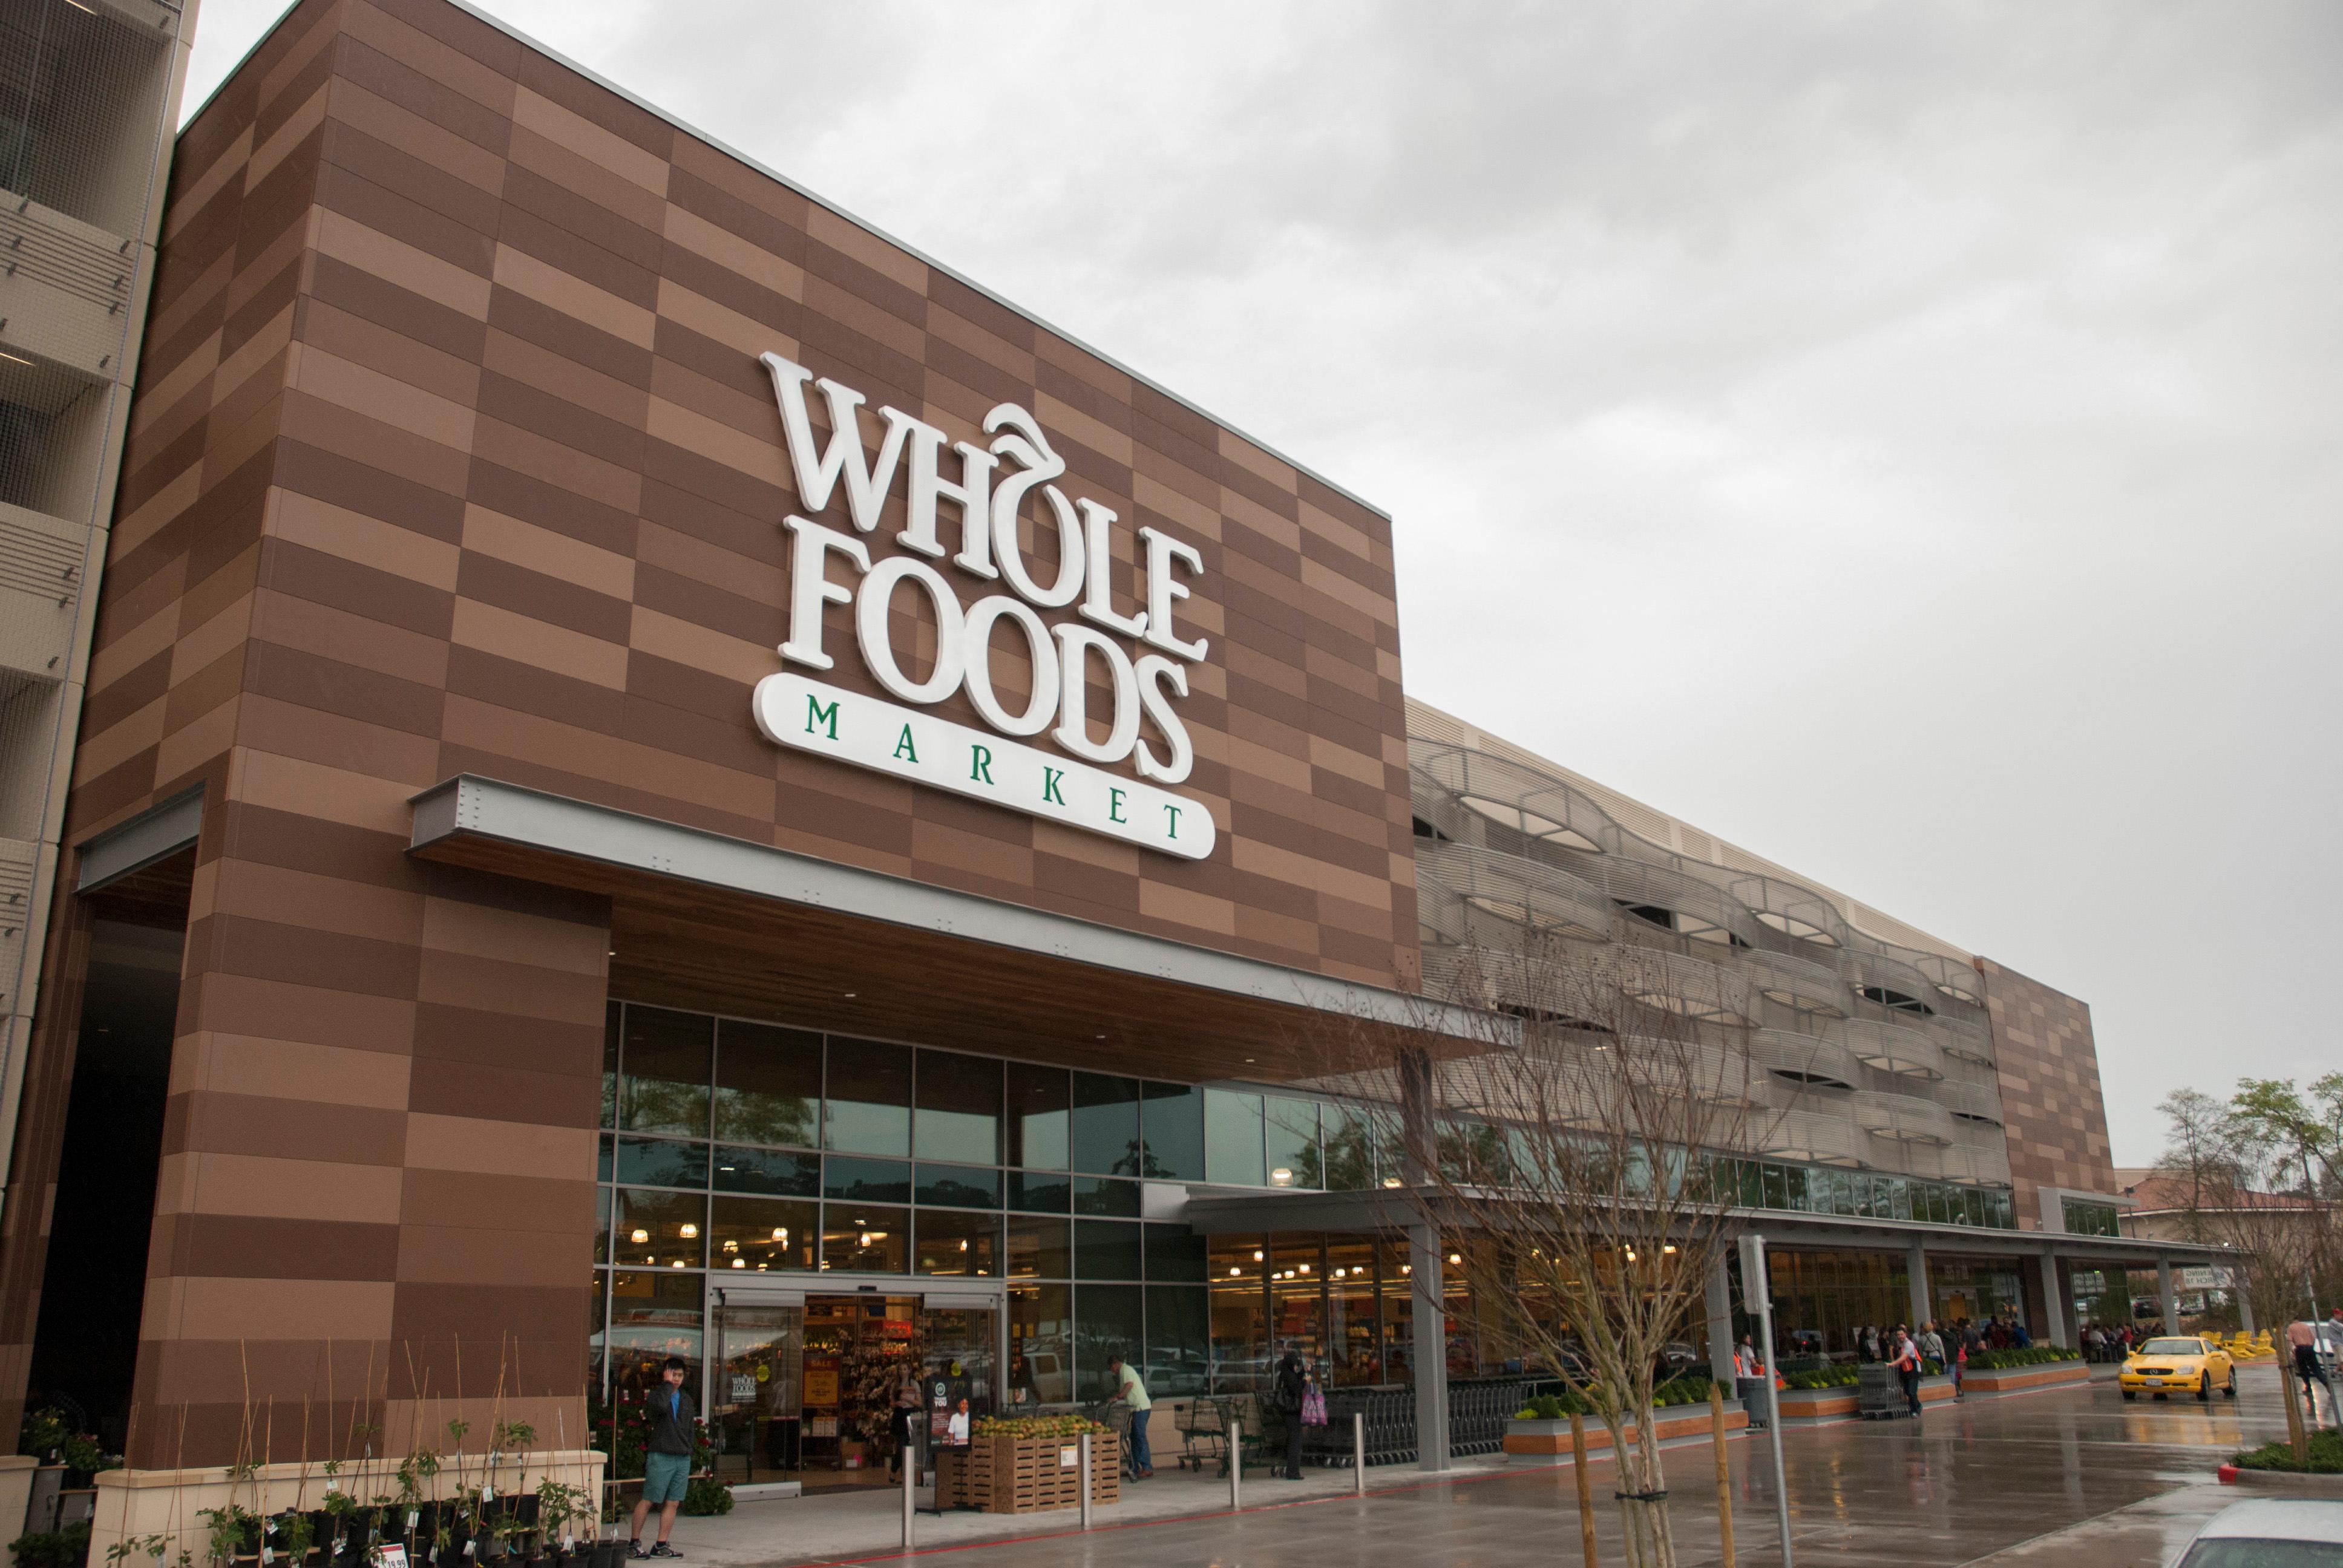 У Whole Foods более 400 магазинов по всей Америке. Фото: theheartysoul.com